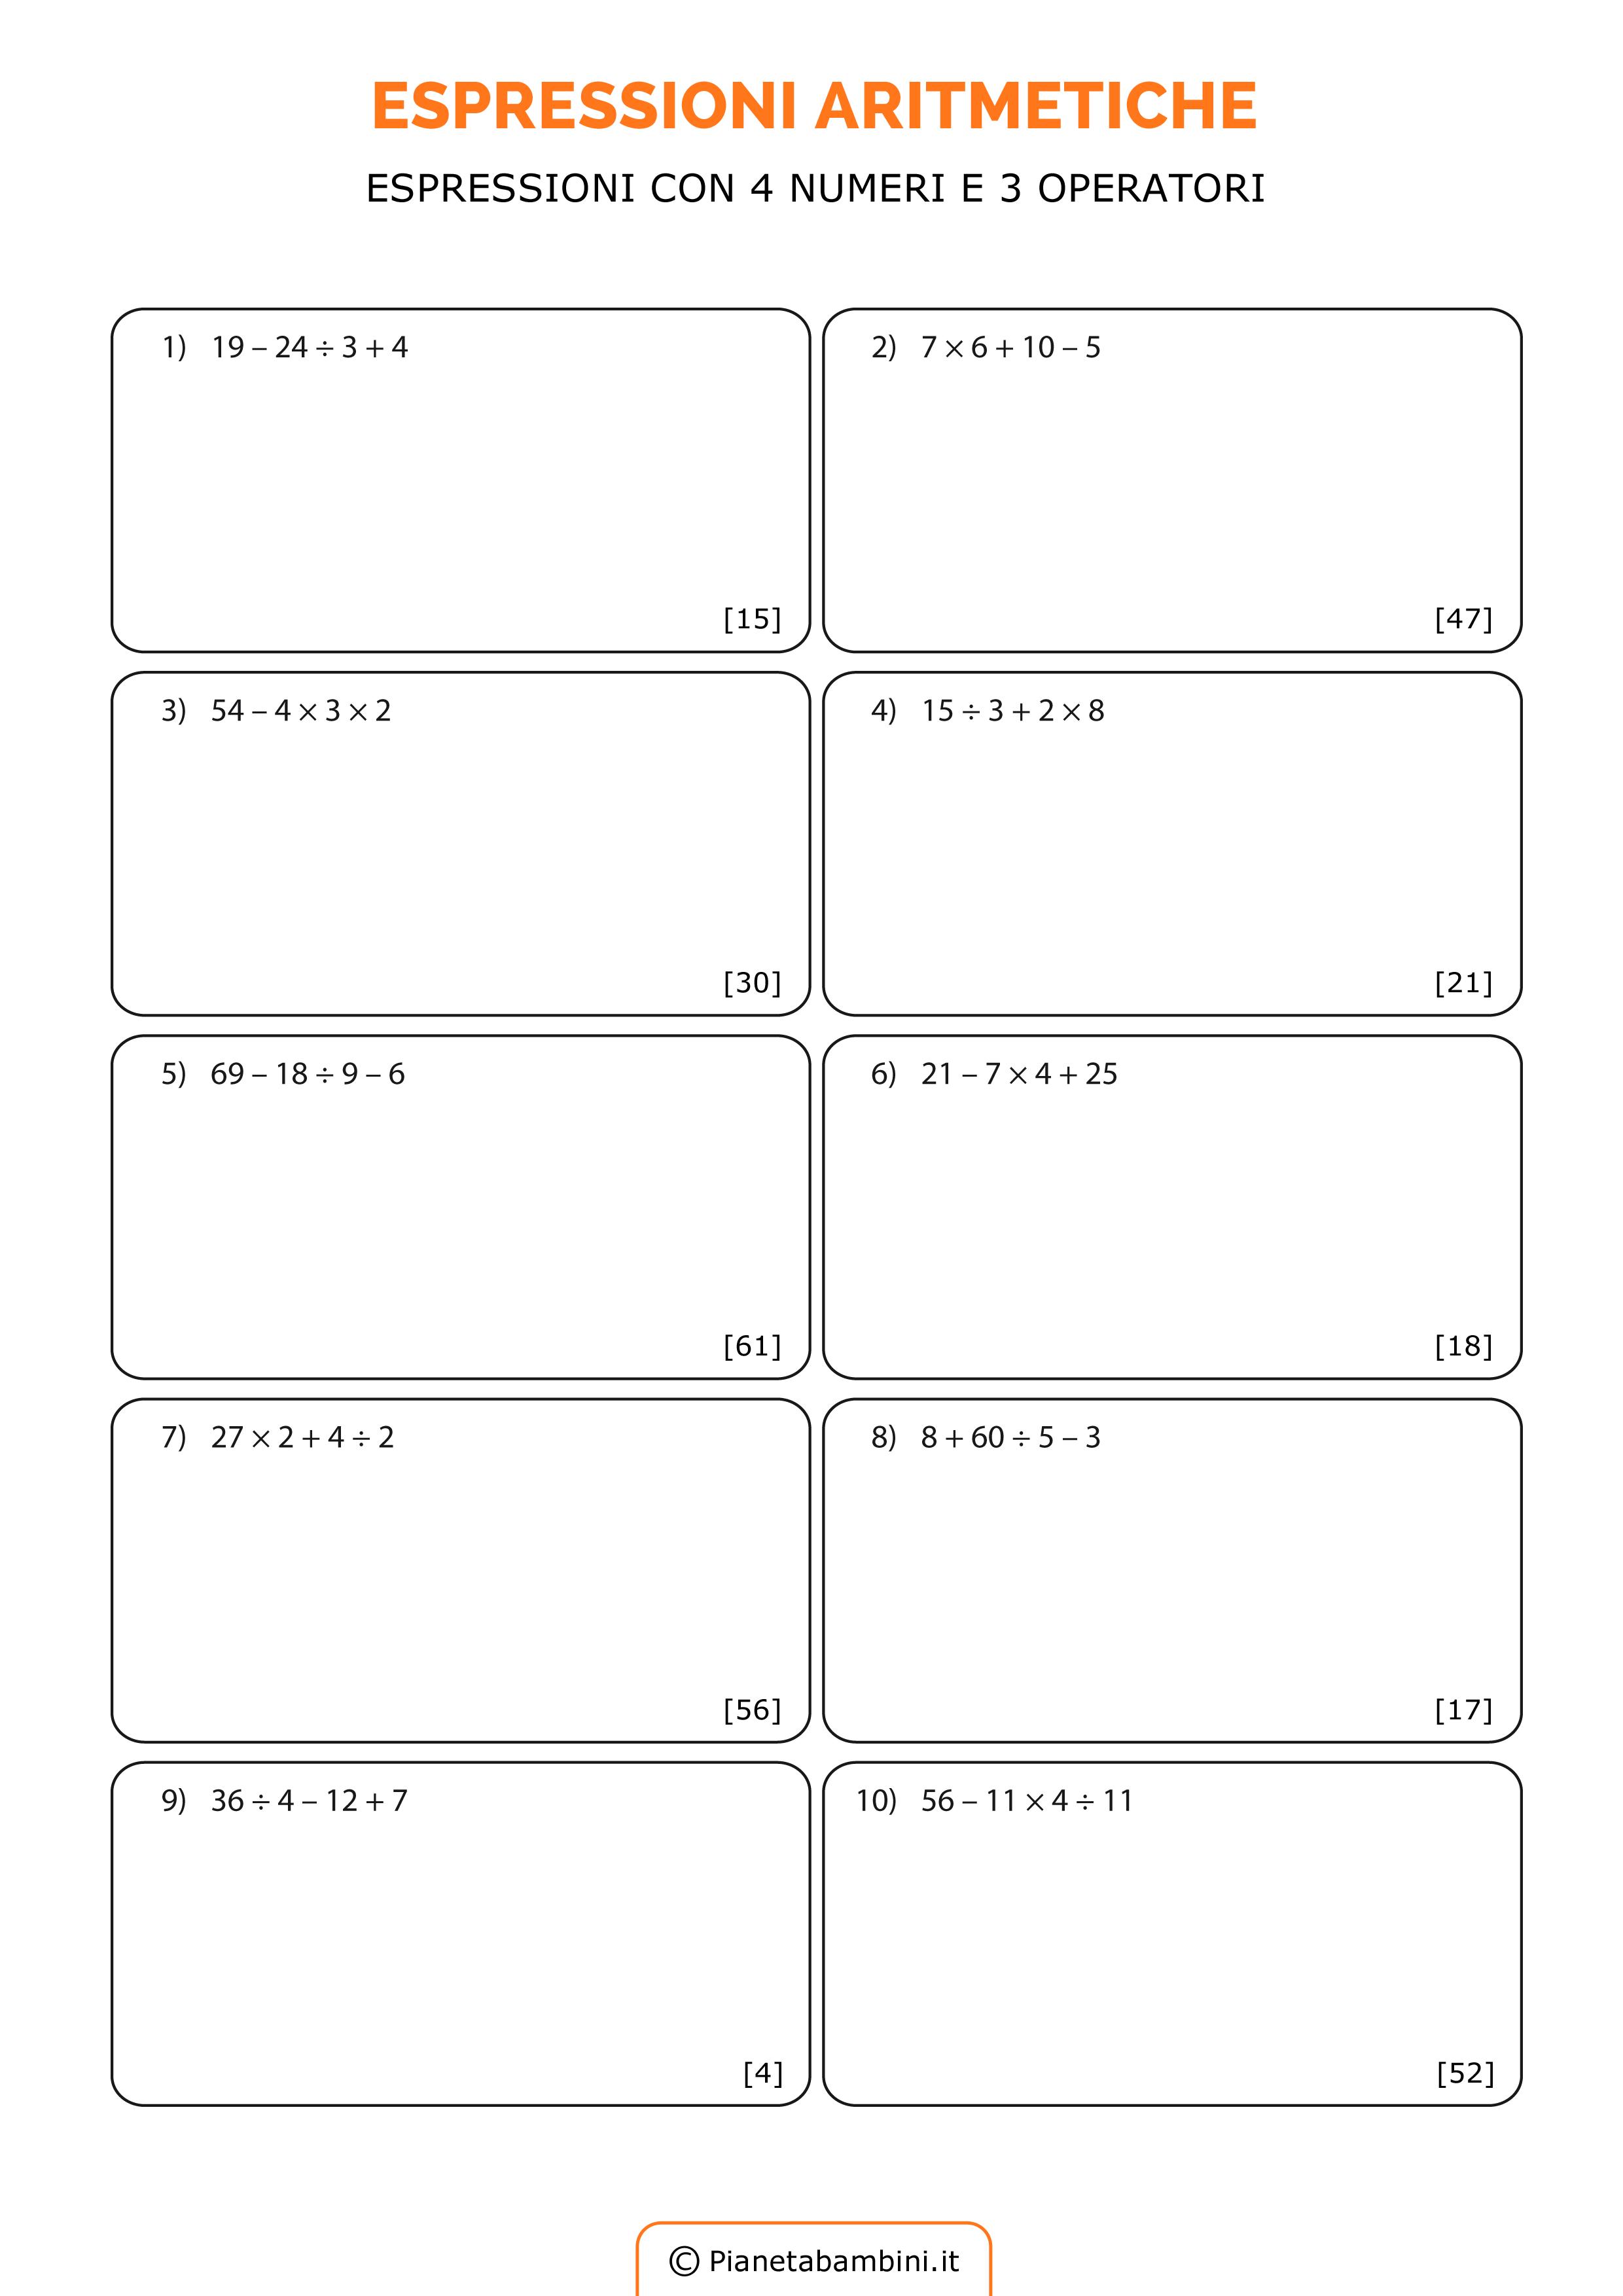 Esercizi-Espressioni-4-Numeri-3-Operatori_3